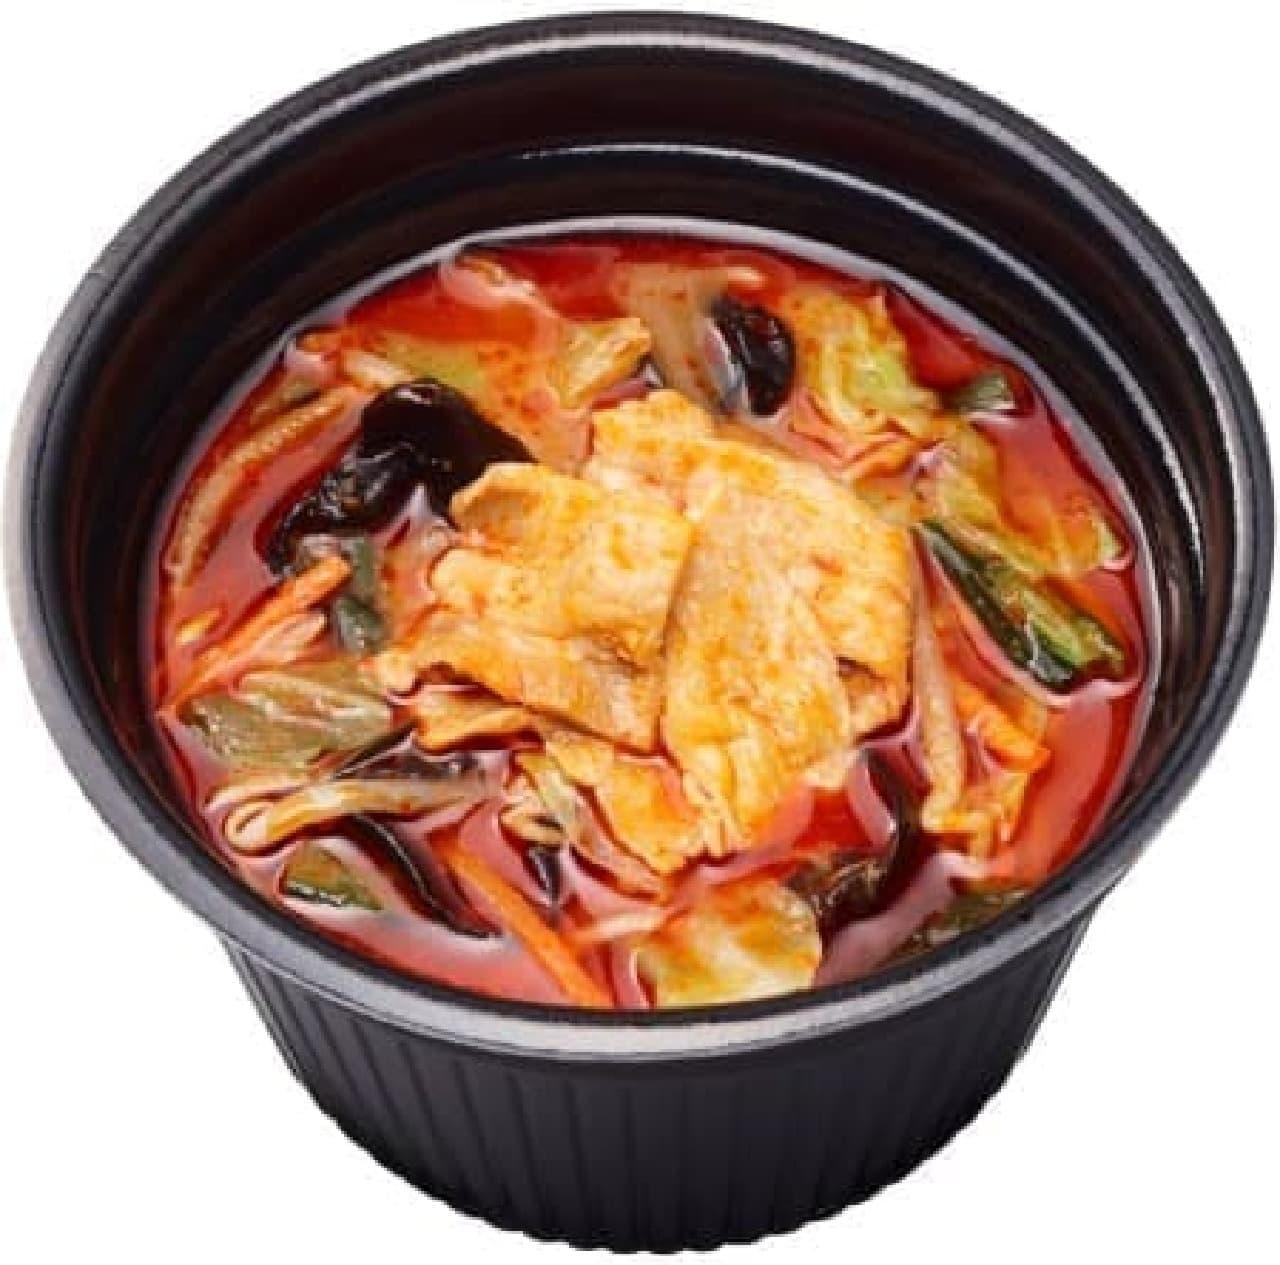 ファミリーマート「炎のレッド味噌スープ ~唐辛子の辛ソース仕立て~」